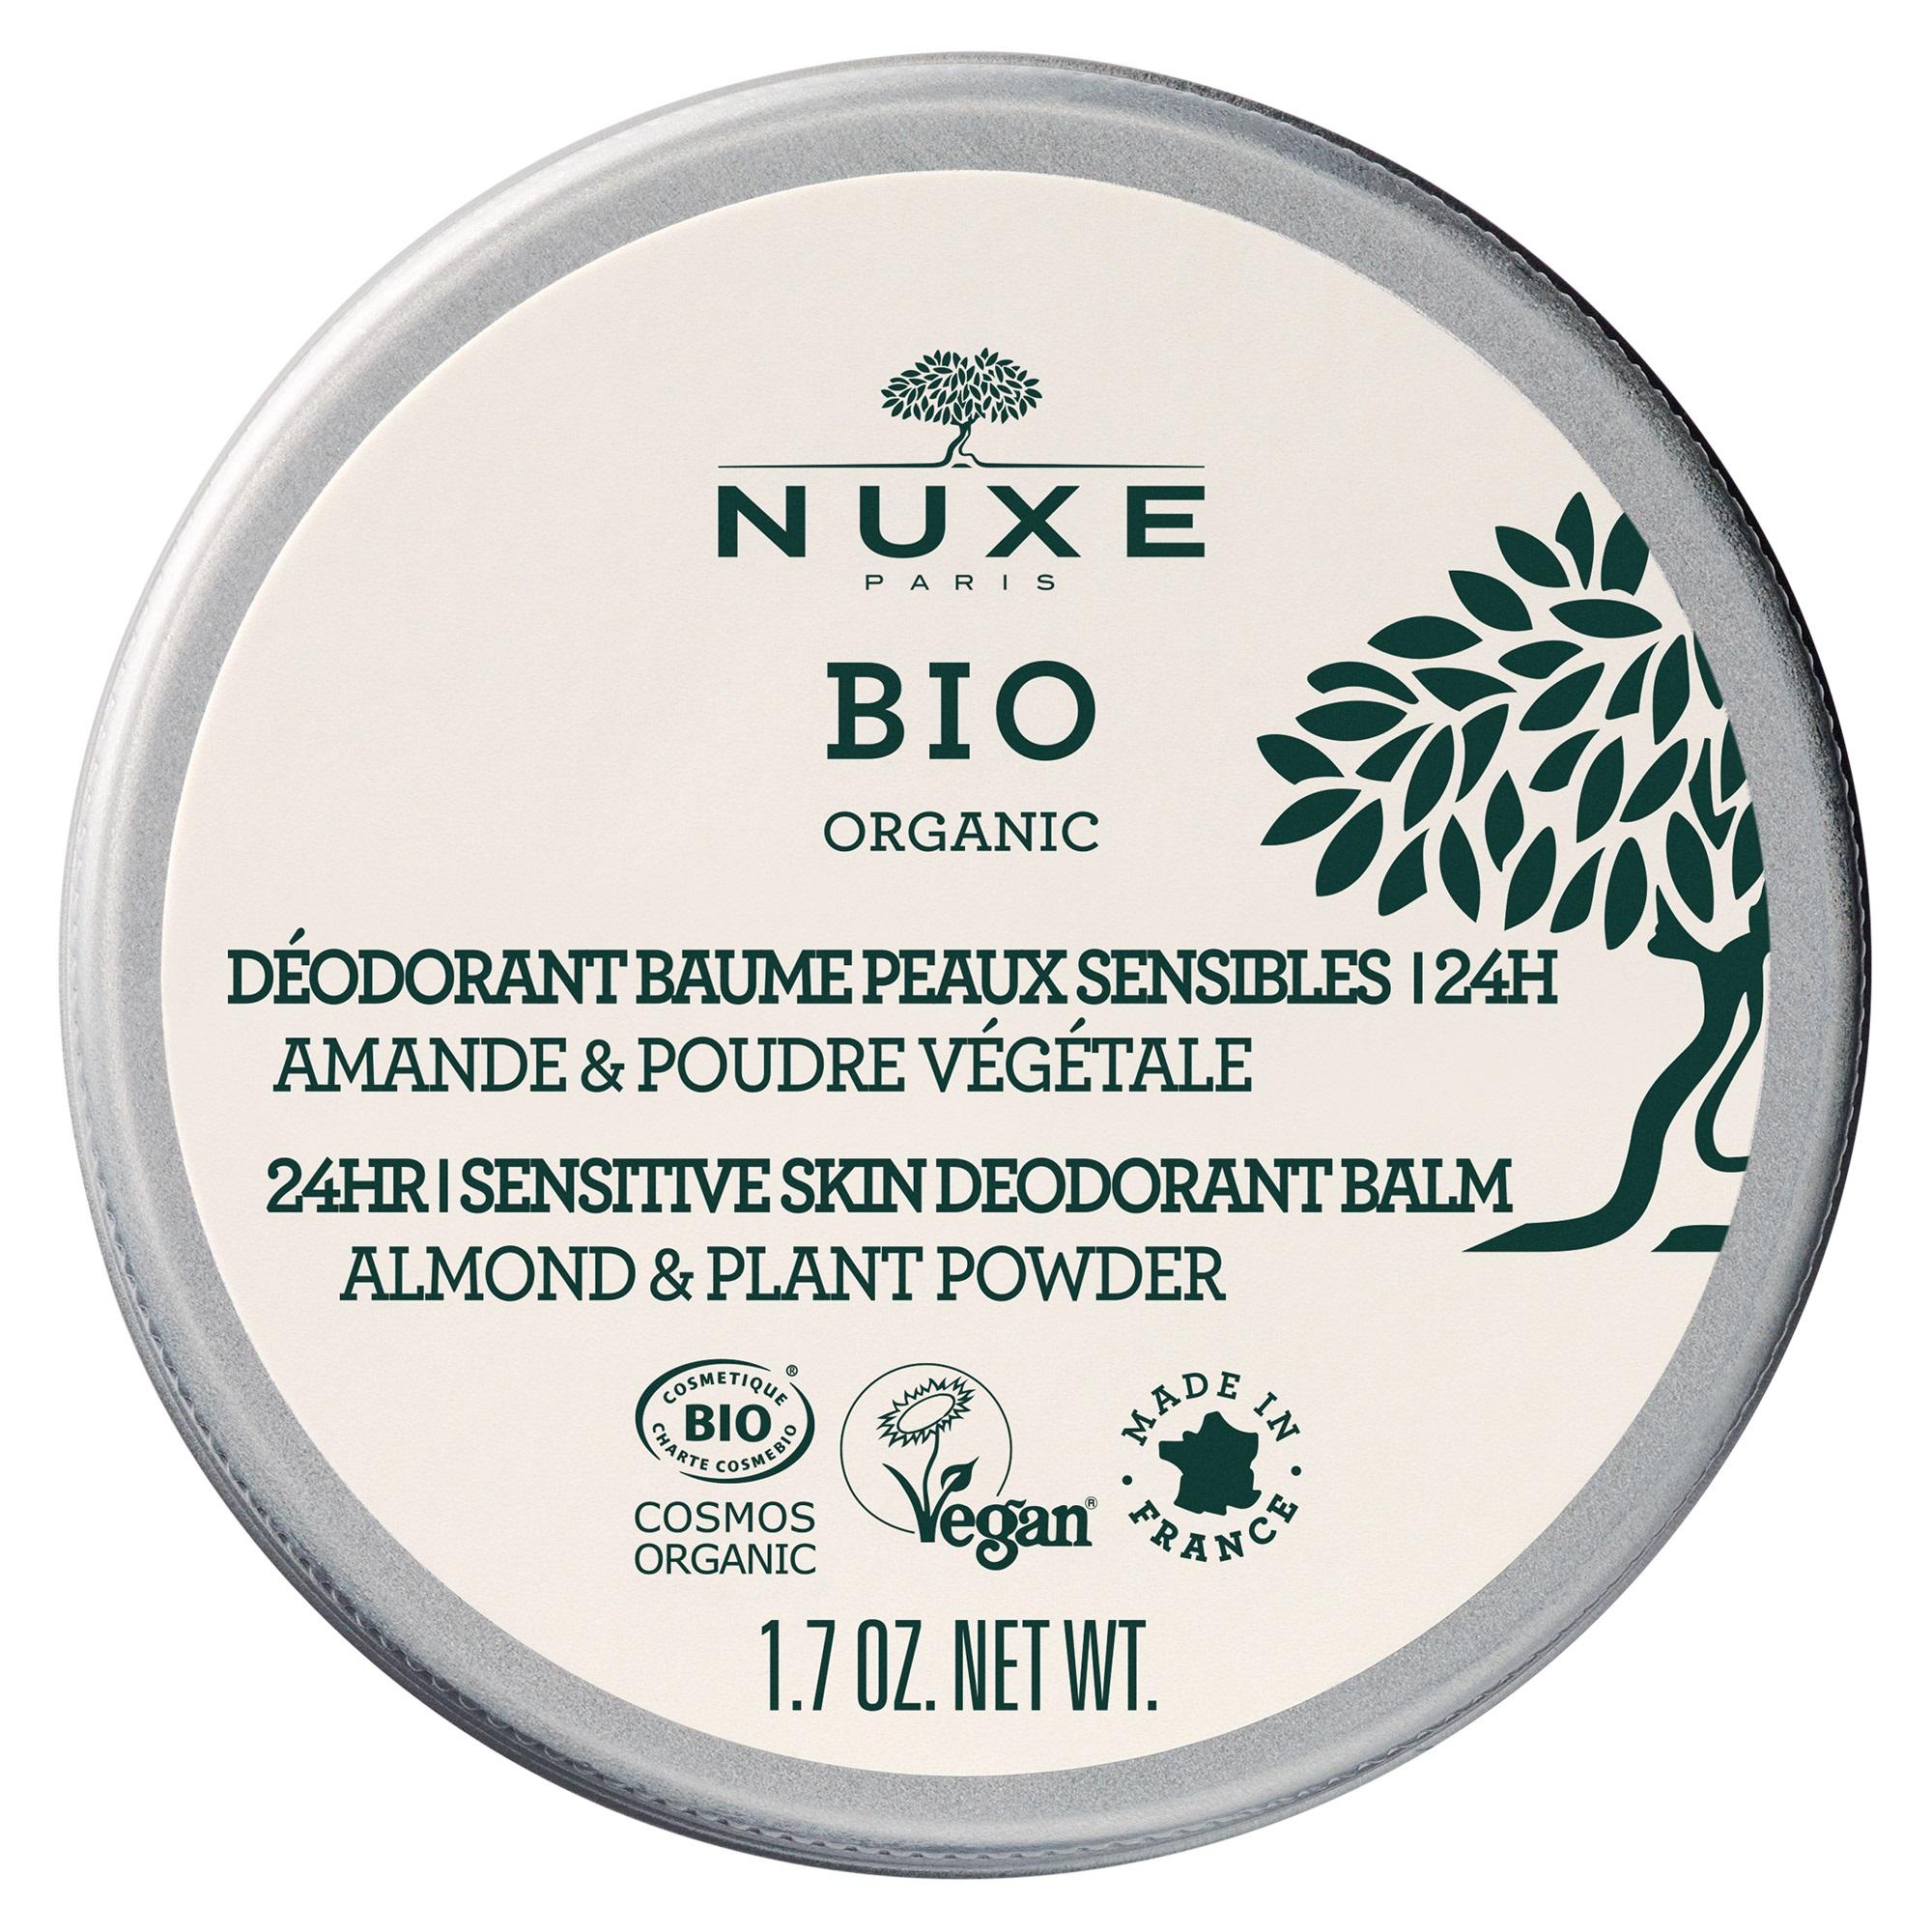 Image of Nuxe Bio Déodorant baume peaux sensibles